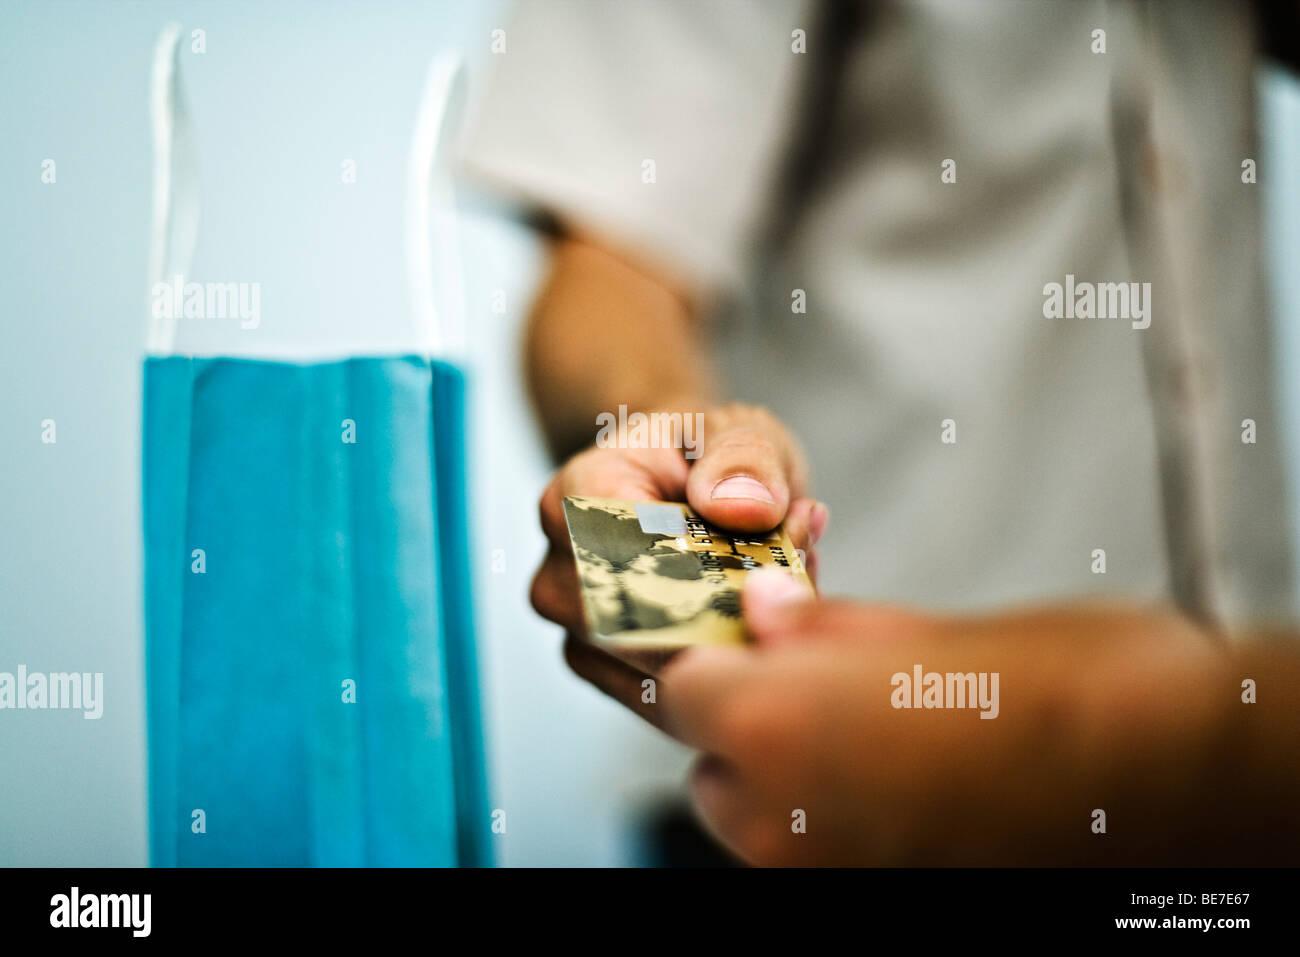 L'homme de payer pour l'achat avec carte de crédit, portrait, close-up Photo Stock